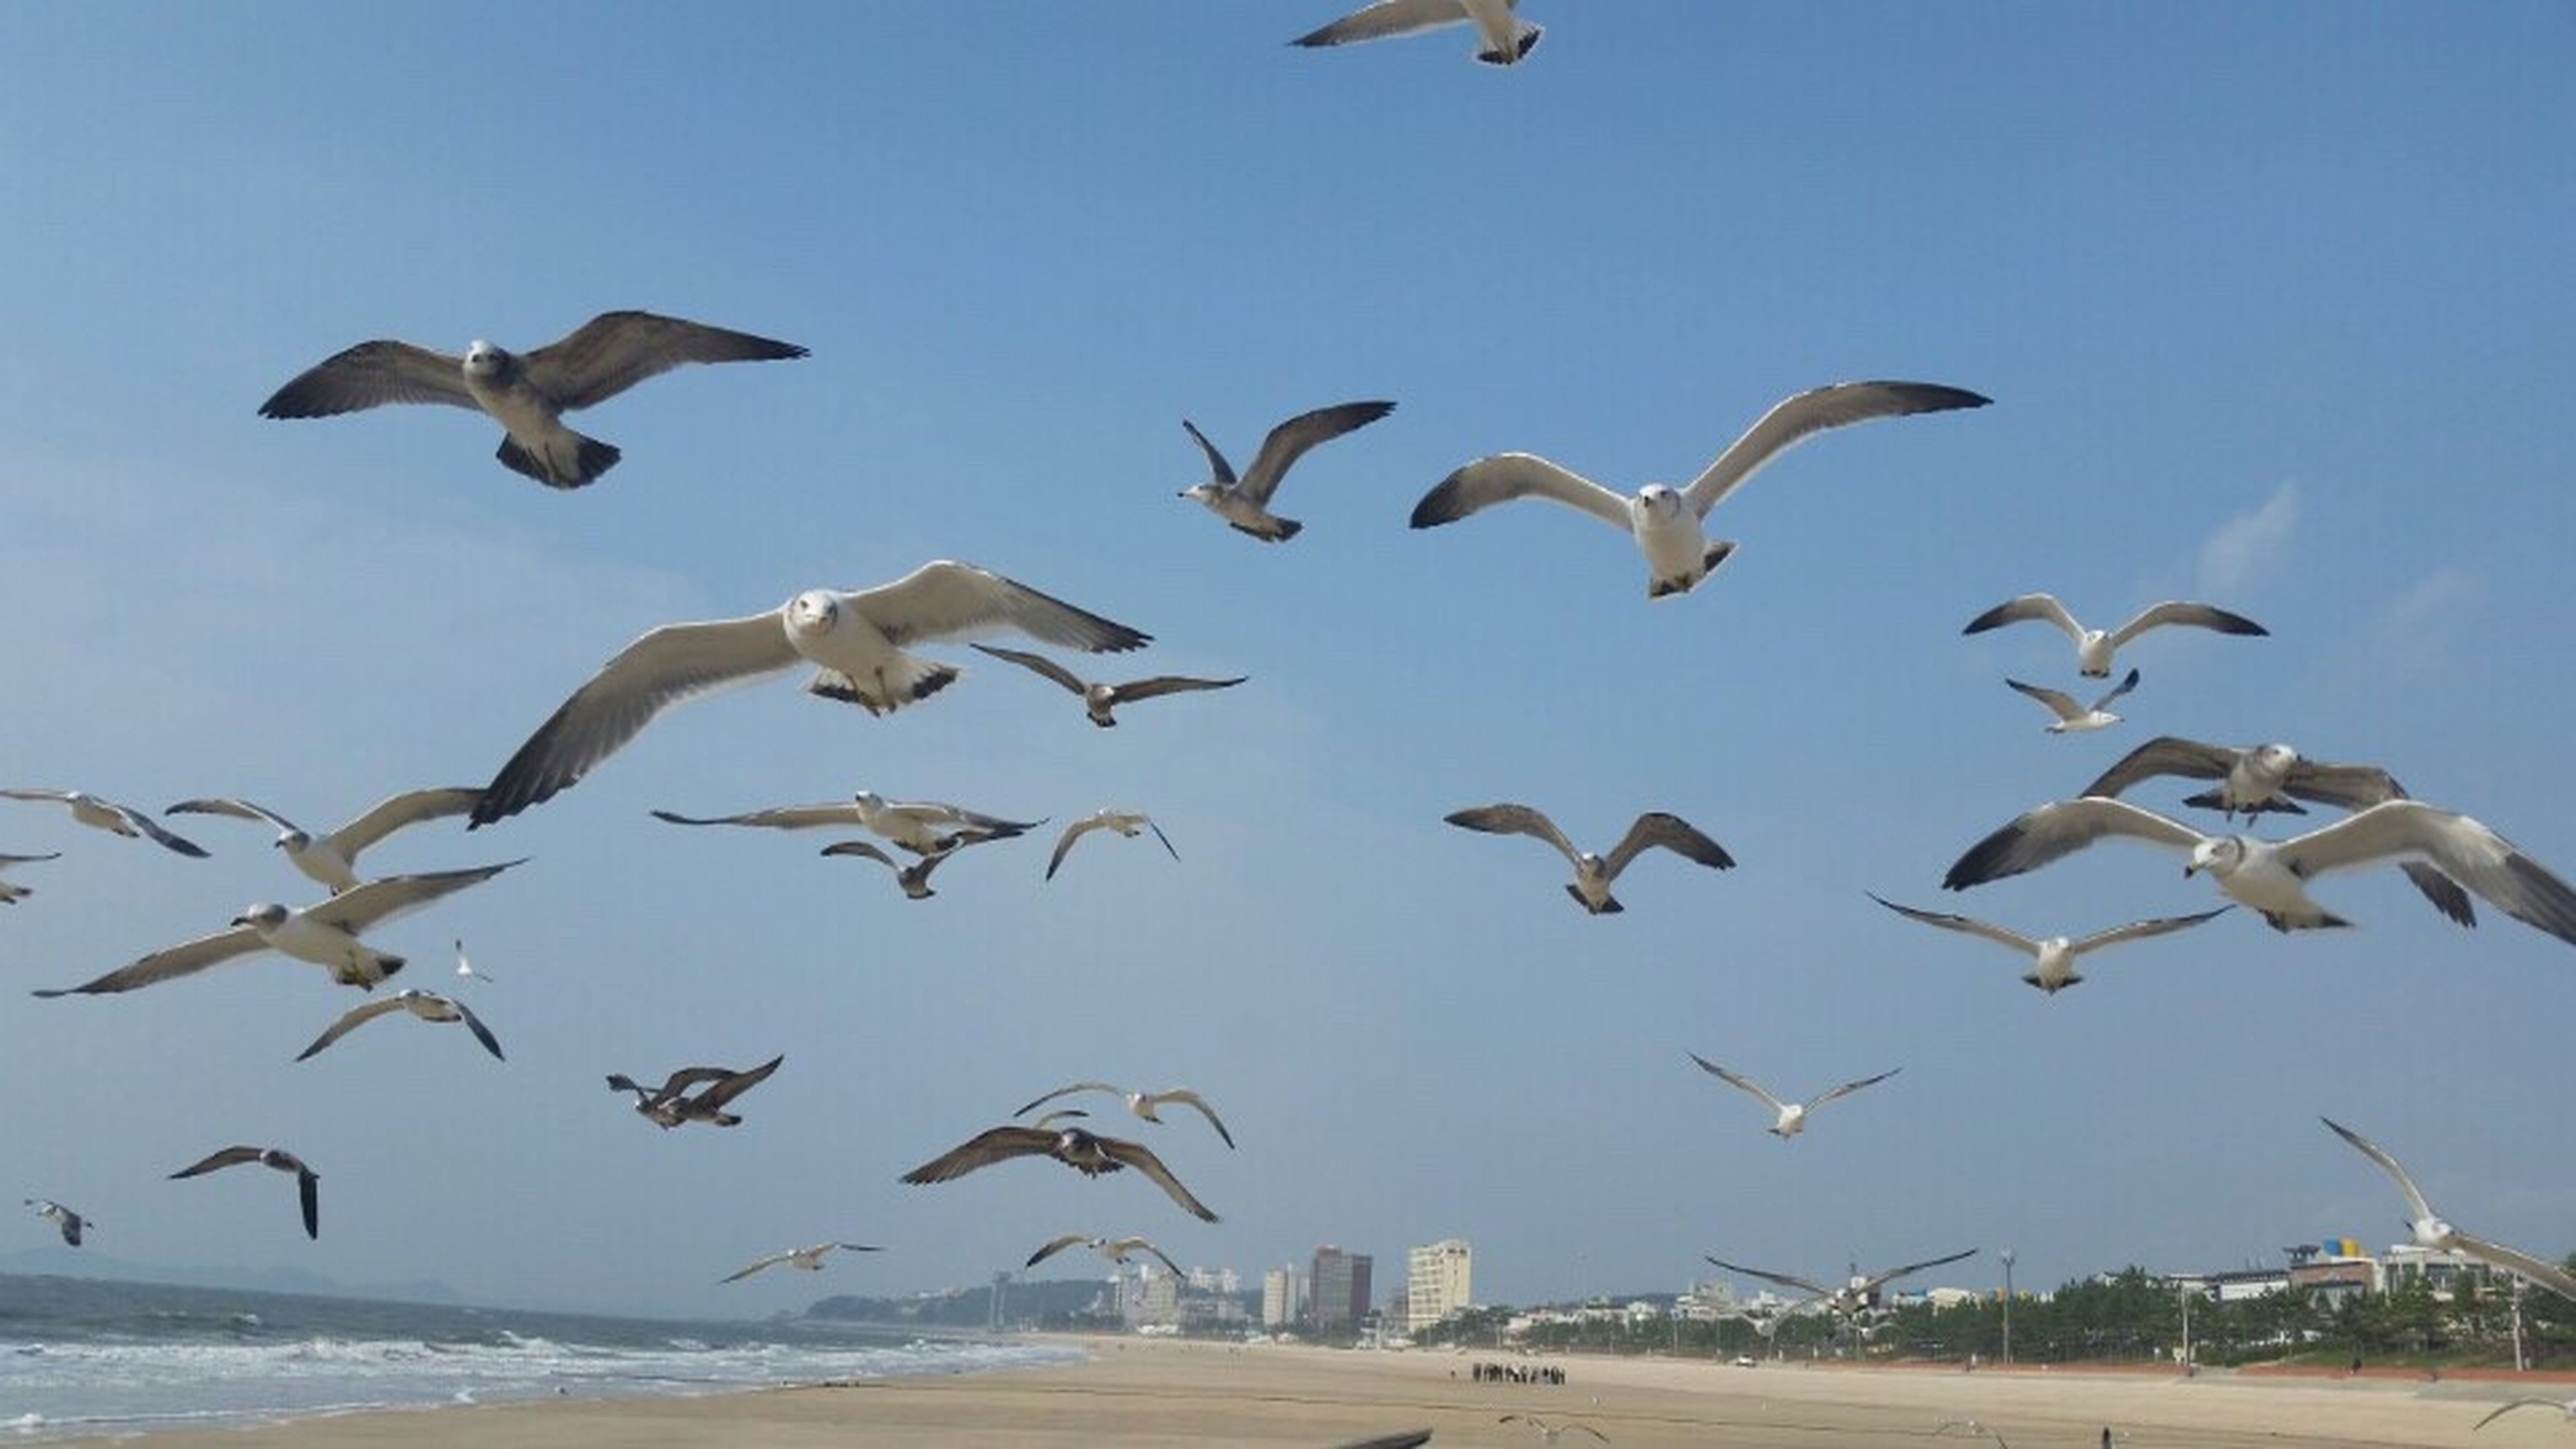 대천 해수욕장 갈매기 Flying Bird Animals In The Wild Animal Themes Large Group Of Animals Mid-air Day Spread Wings No People Flock Of Birds Animal Wildlife Nature Outdoors Sky